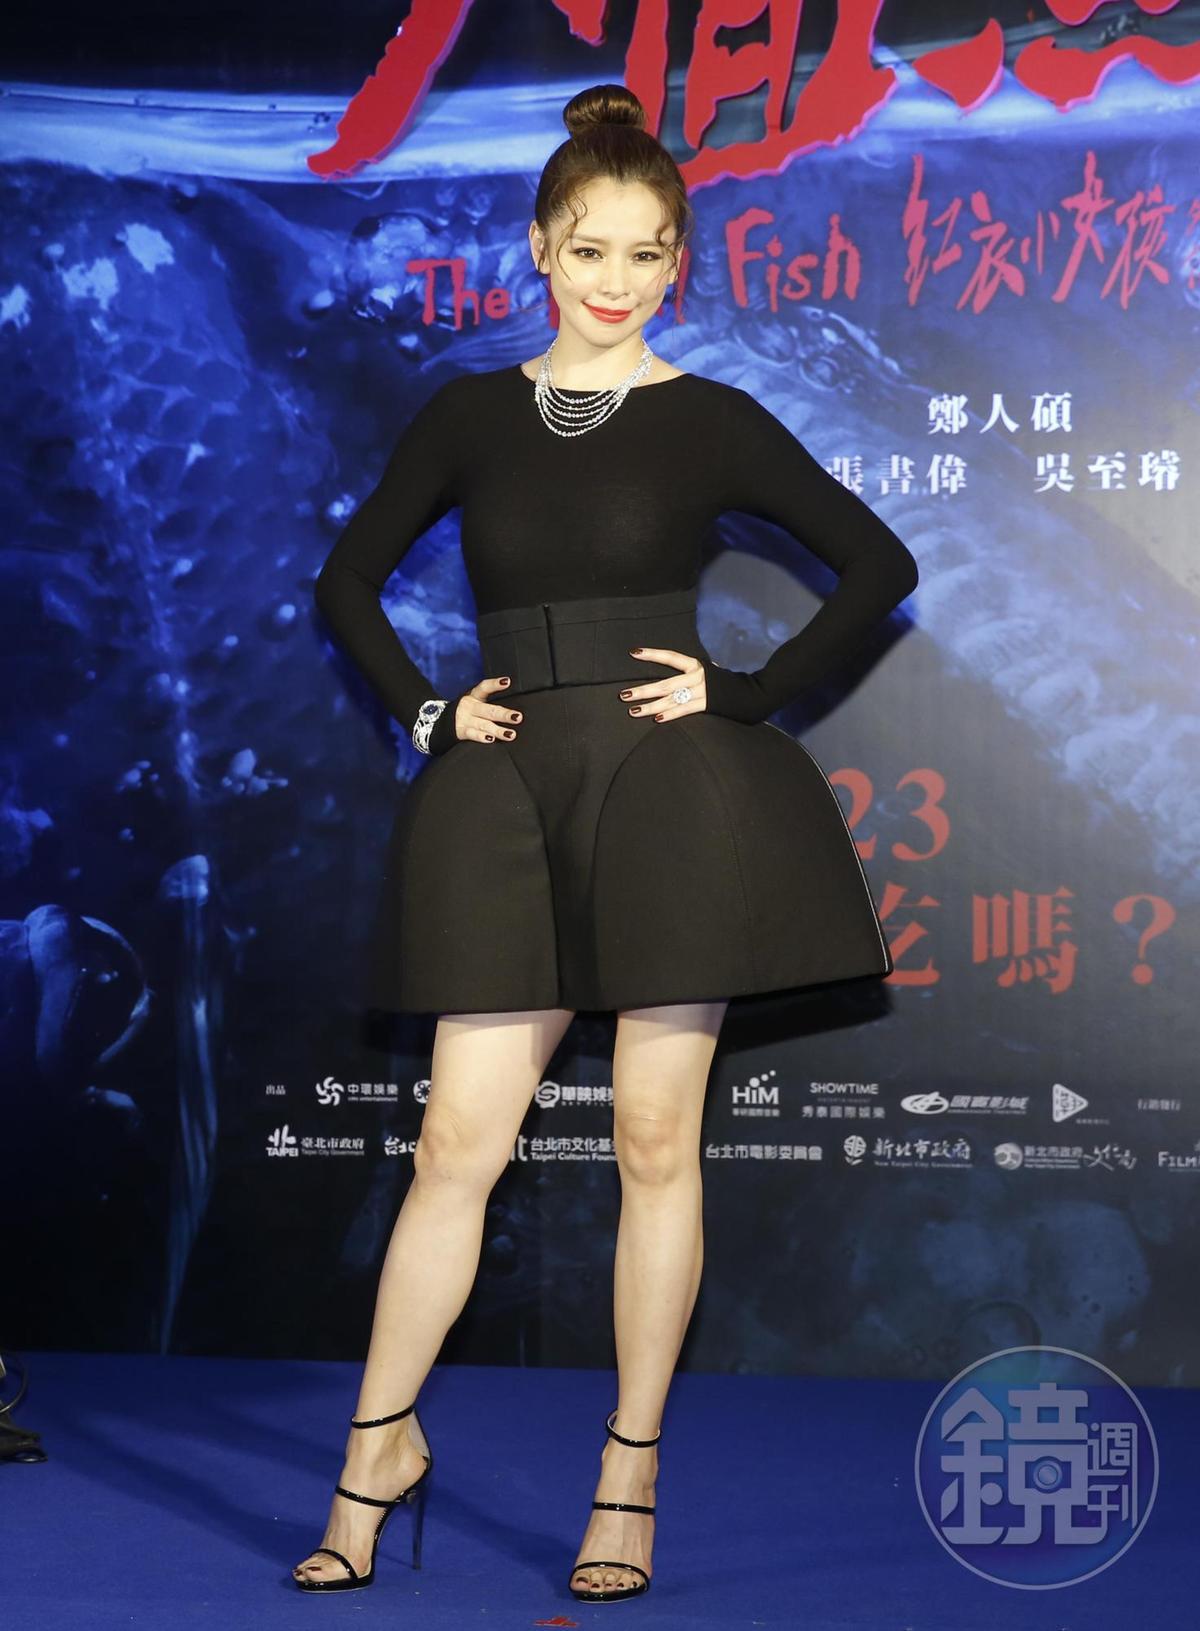 徐若瑄感謝老公體諒她的工作,也稱是在李雲峰鼓勵下才接拍該片。